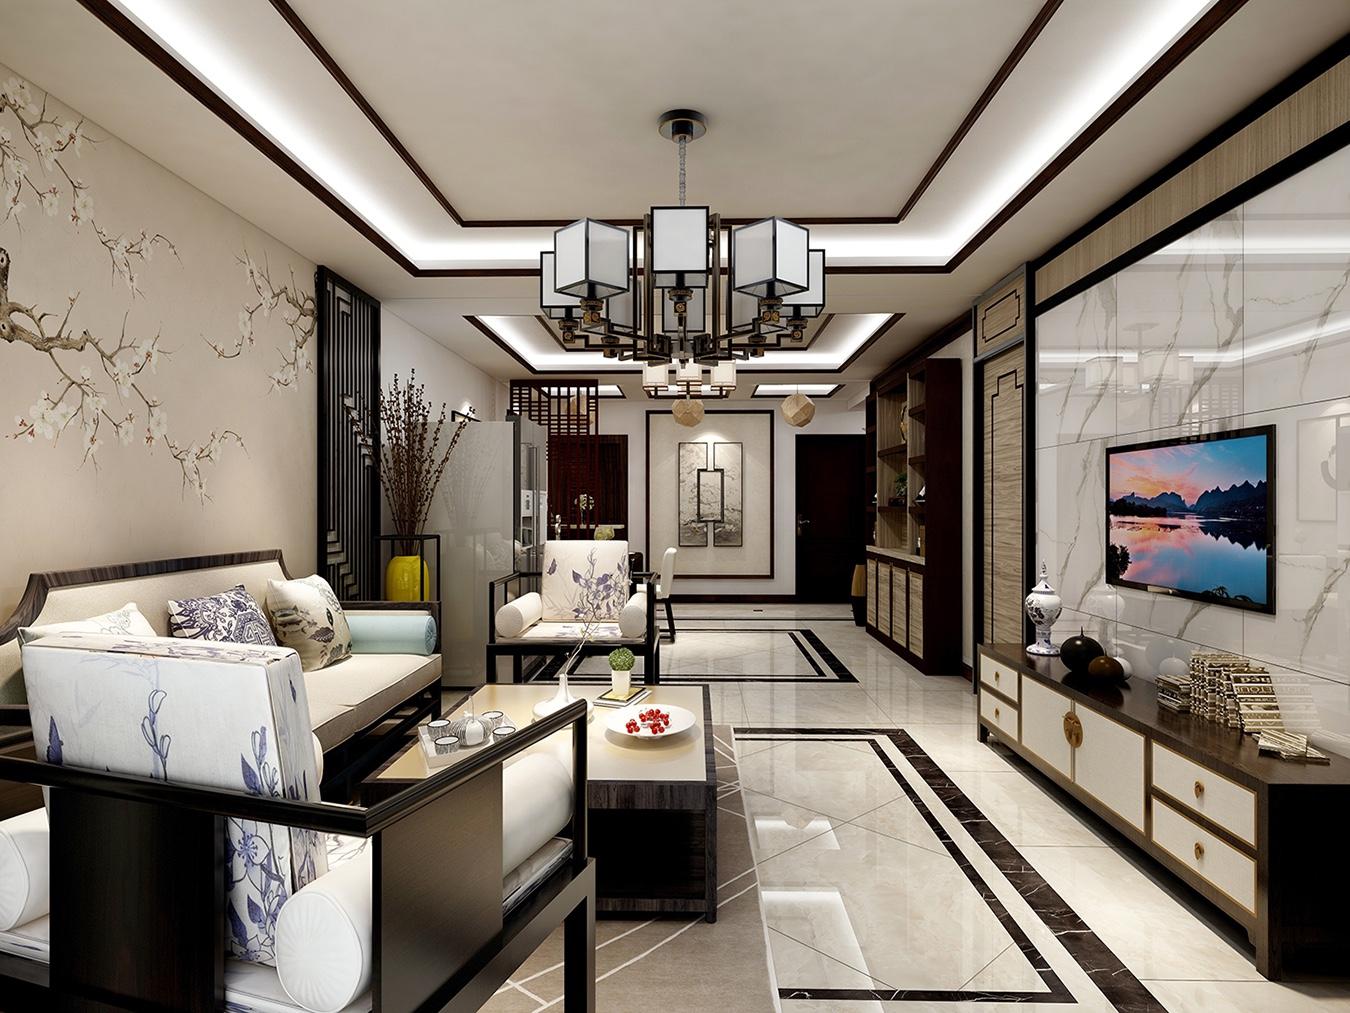 黄金怡海苑130平三居室新中式家装效果